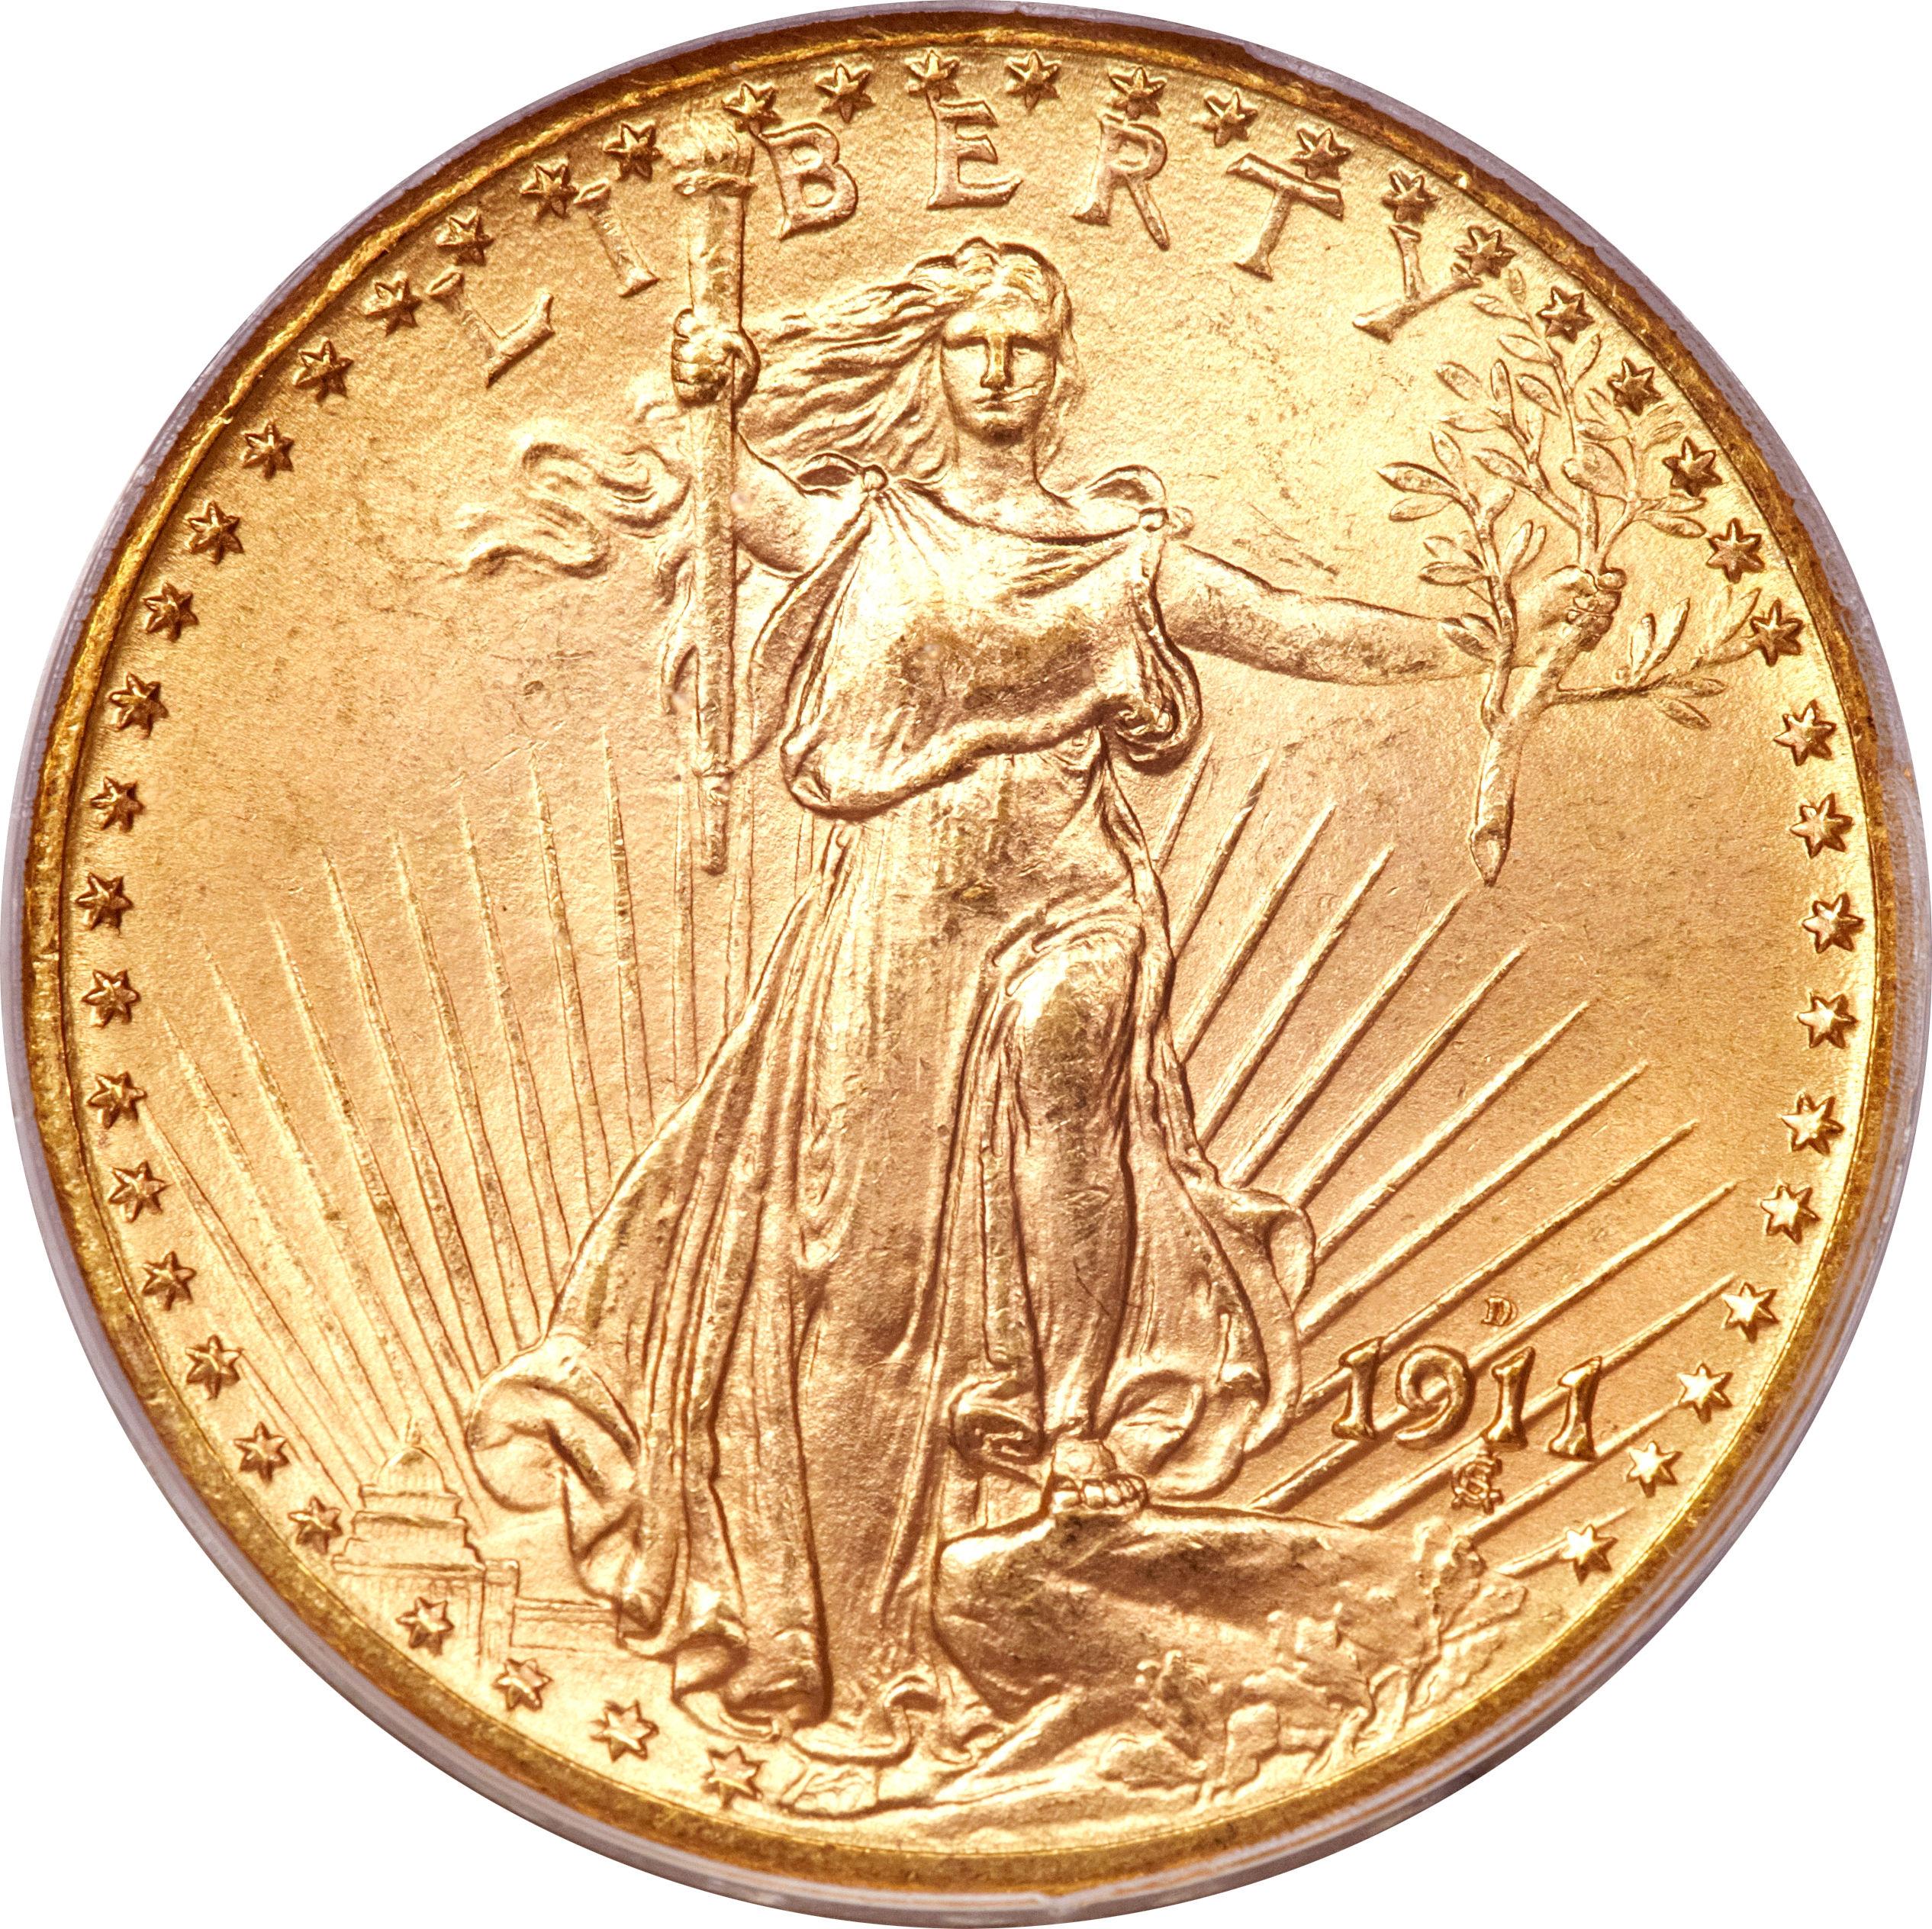 20 Dollars Quot Saint Gaudens Double Eagle Quot Avec Devise